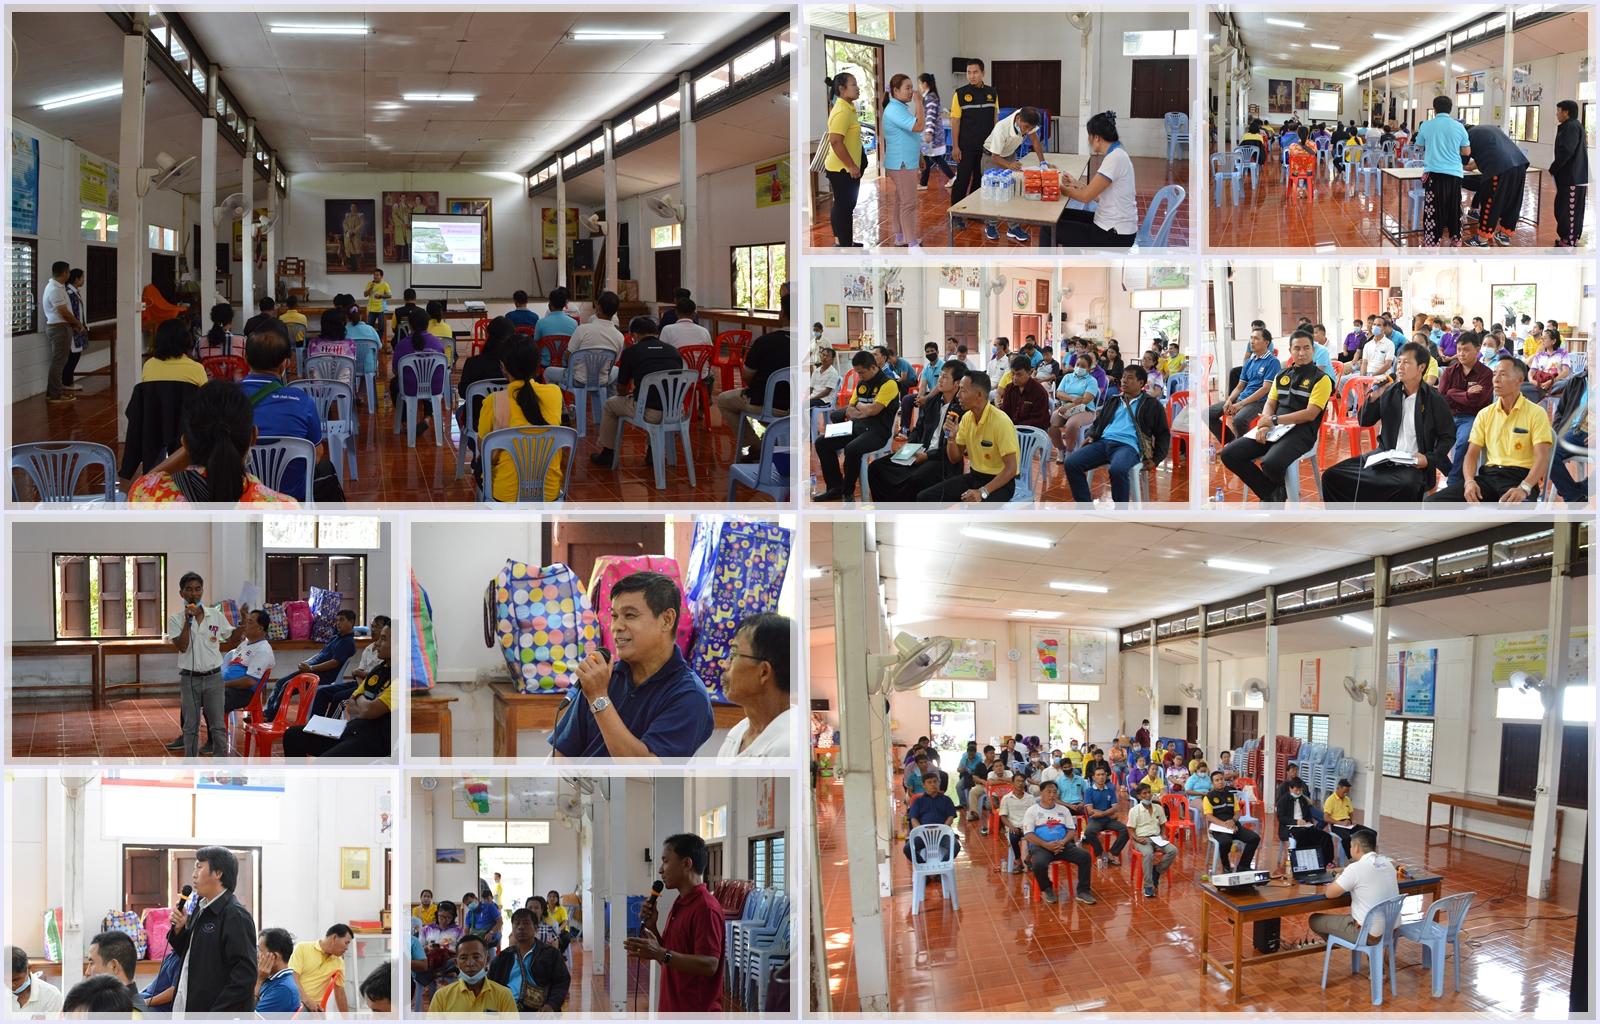 จัดประชุมประชาชนกลุ่มย่อยในเขตพื้นที่ตำบลหมอกจำแป่ วันเสาร์ที่ 12 กันยายน 2563